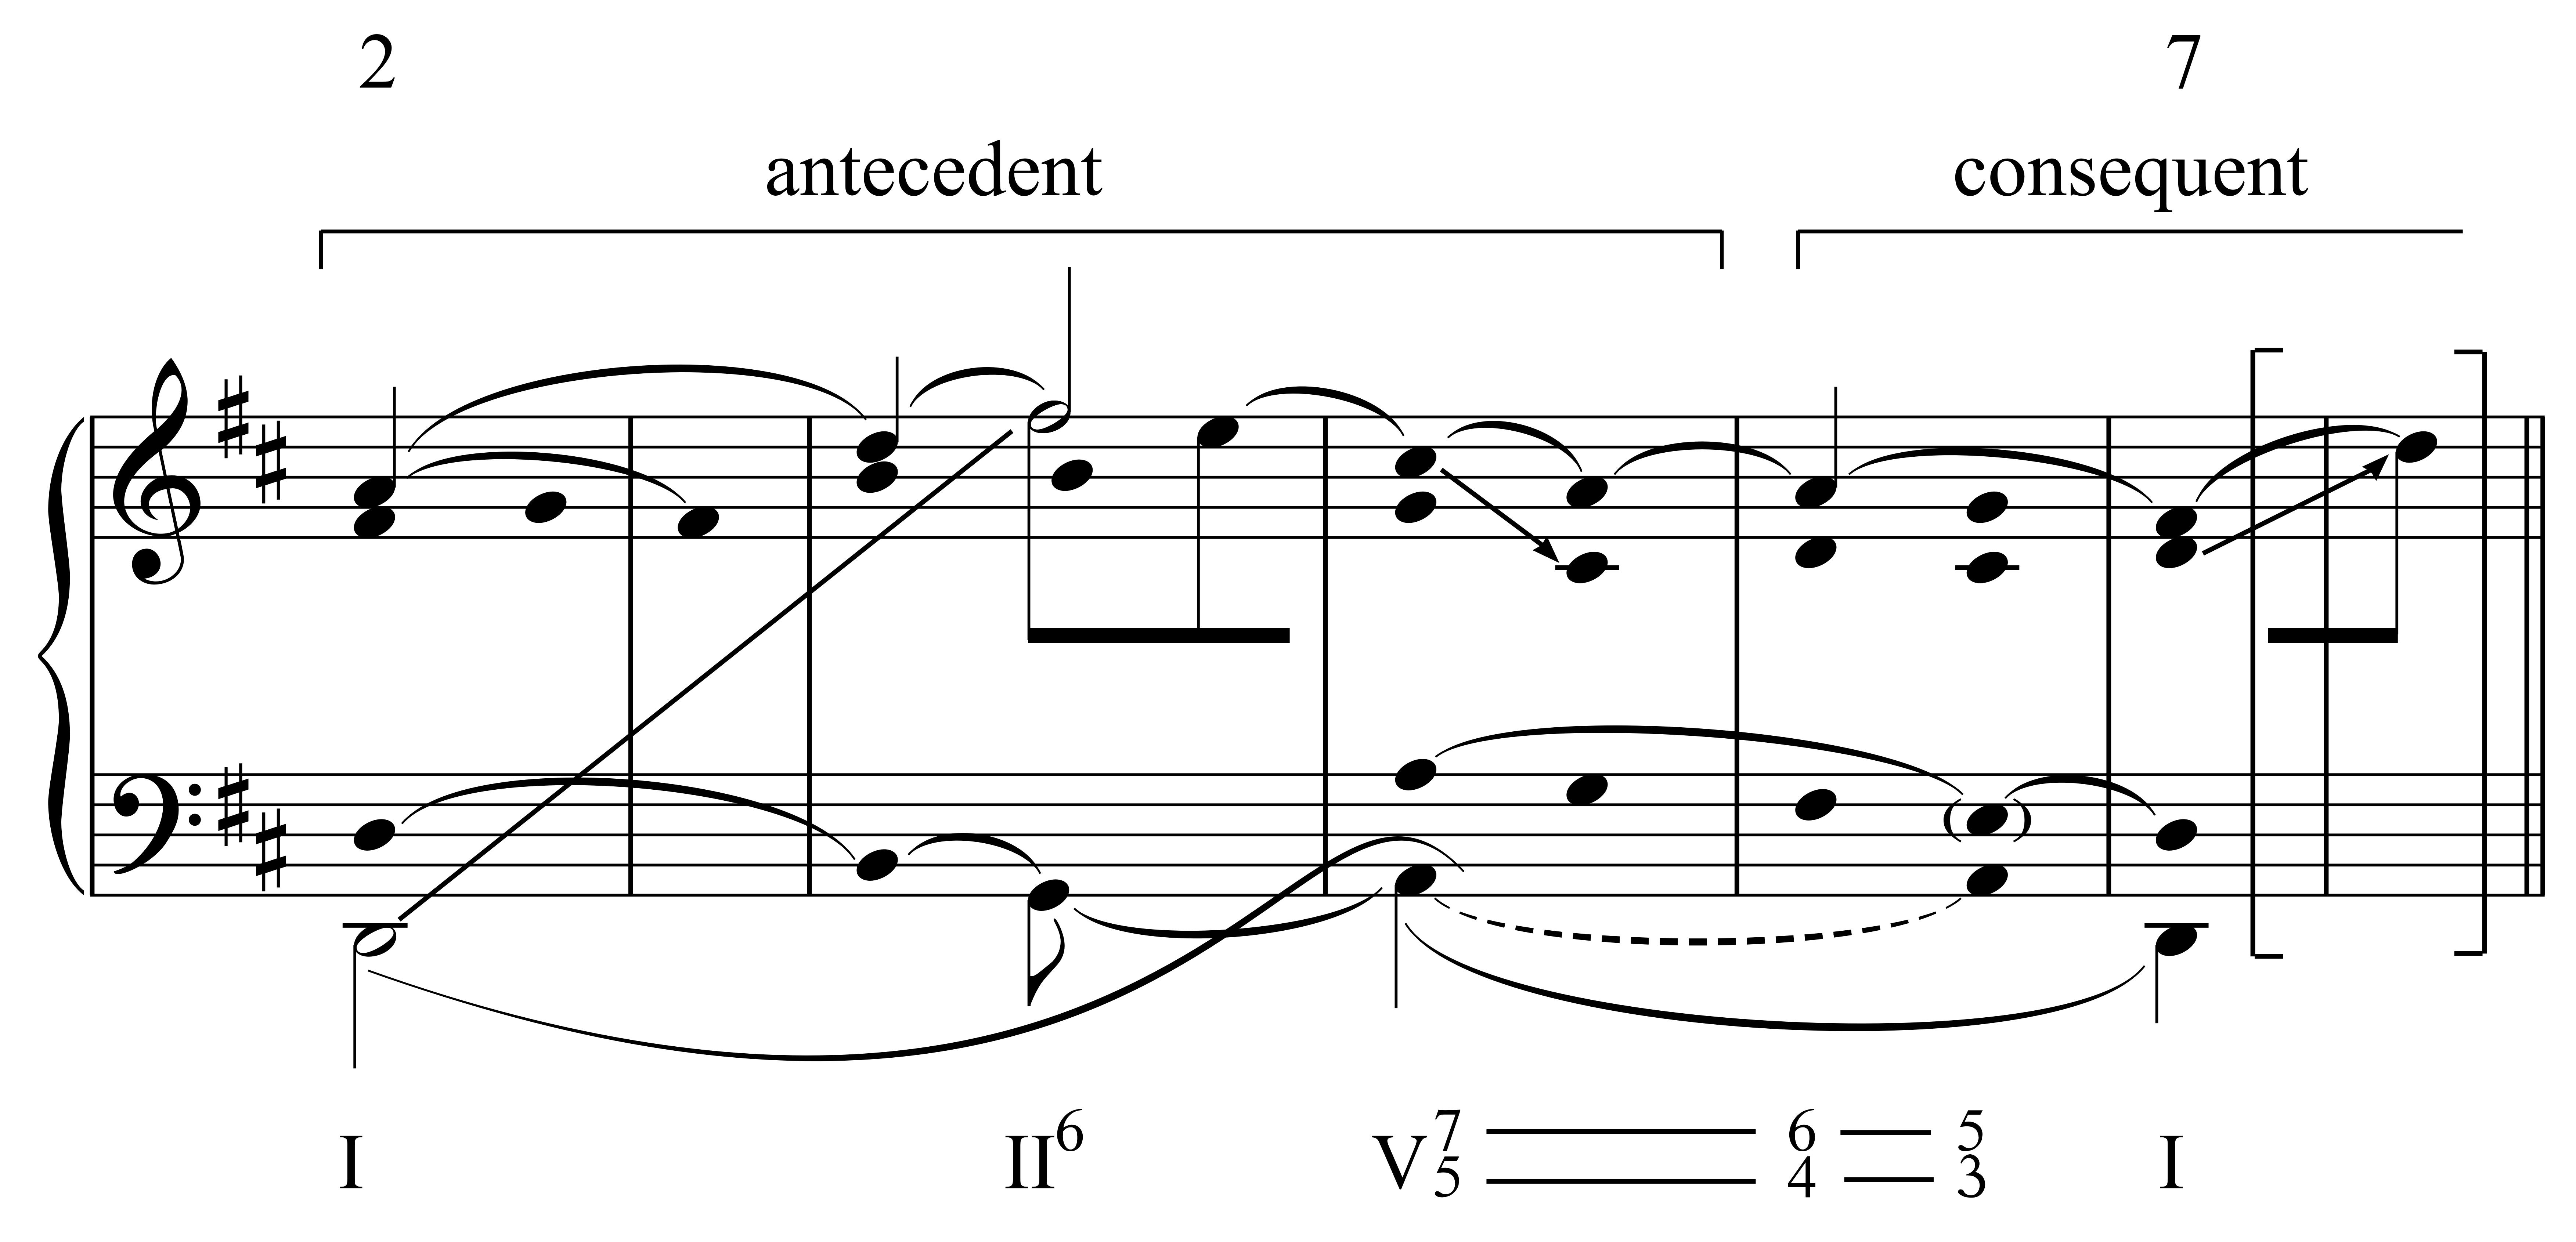 Suurpää, Example 3